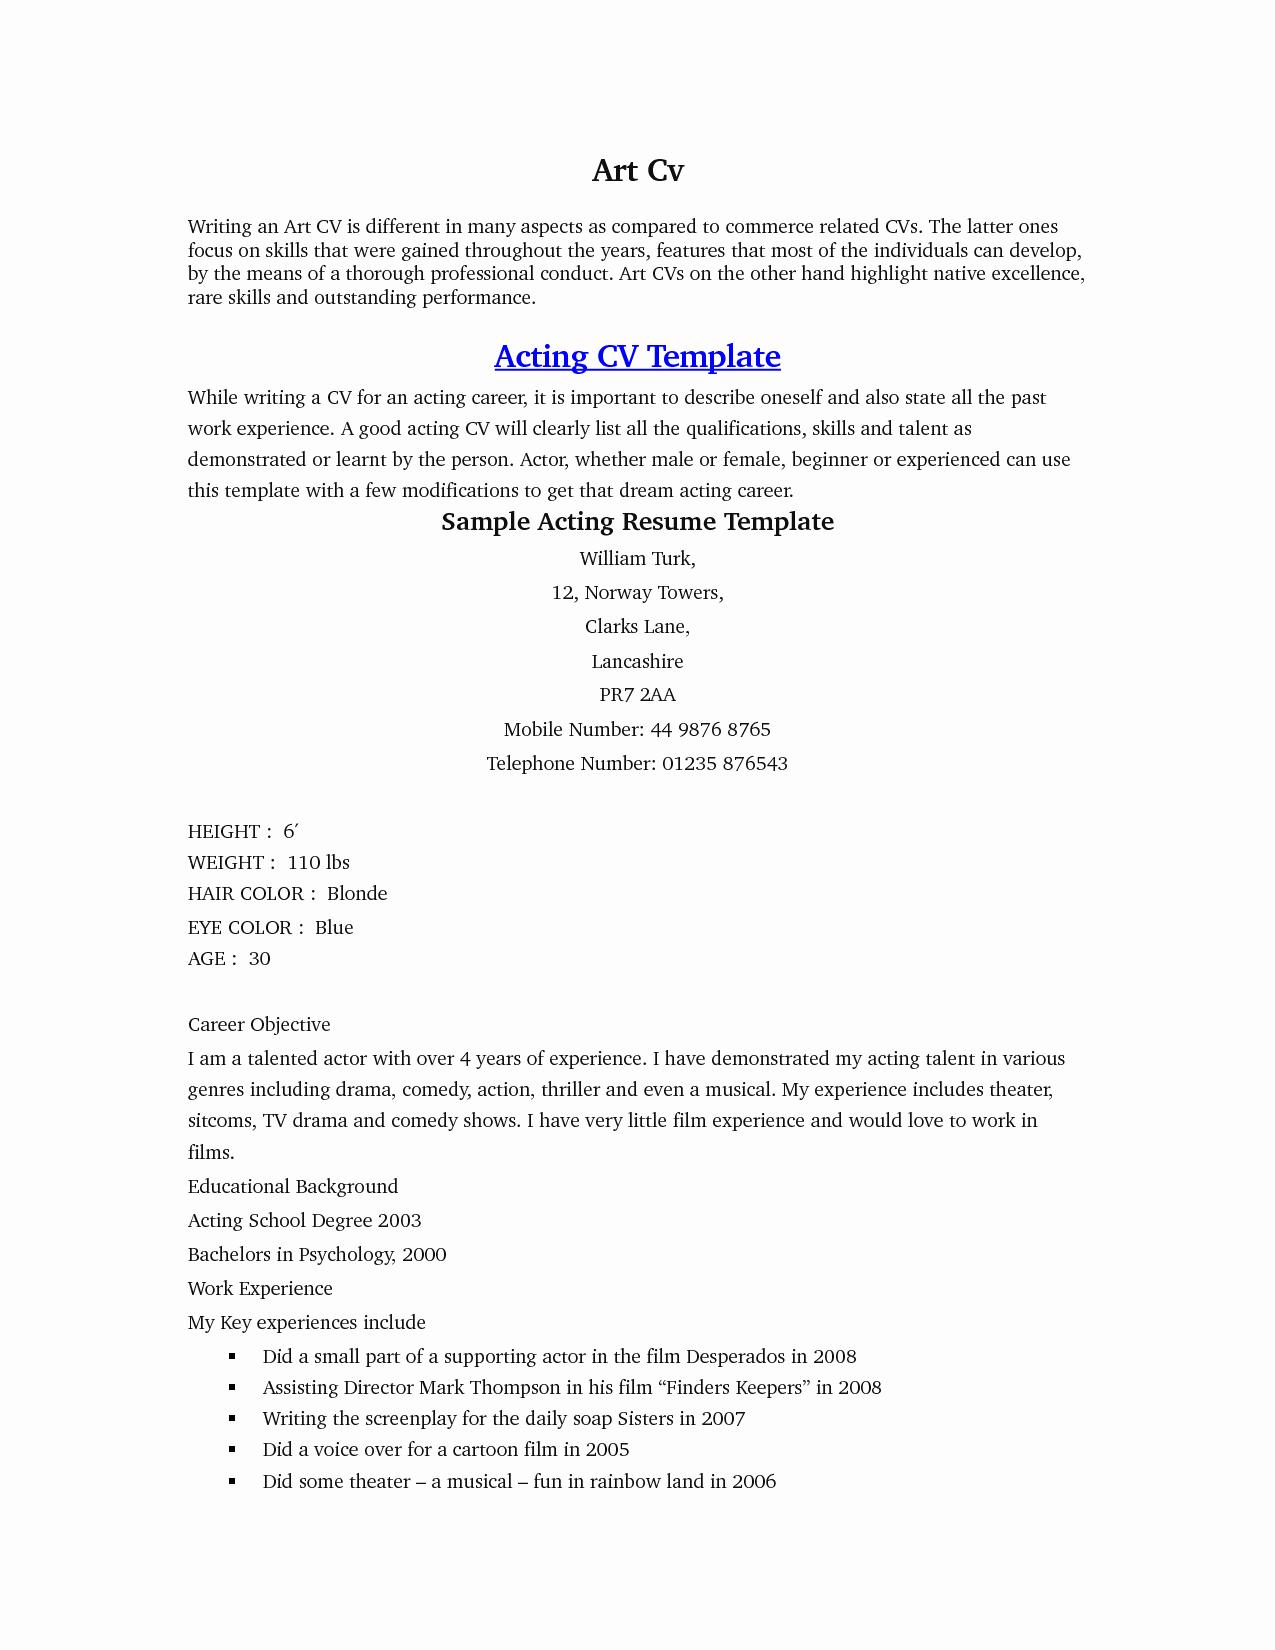 Acting Resume Sample Beginner Umecareer